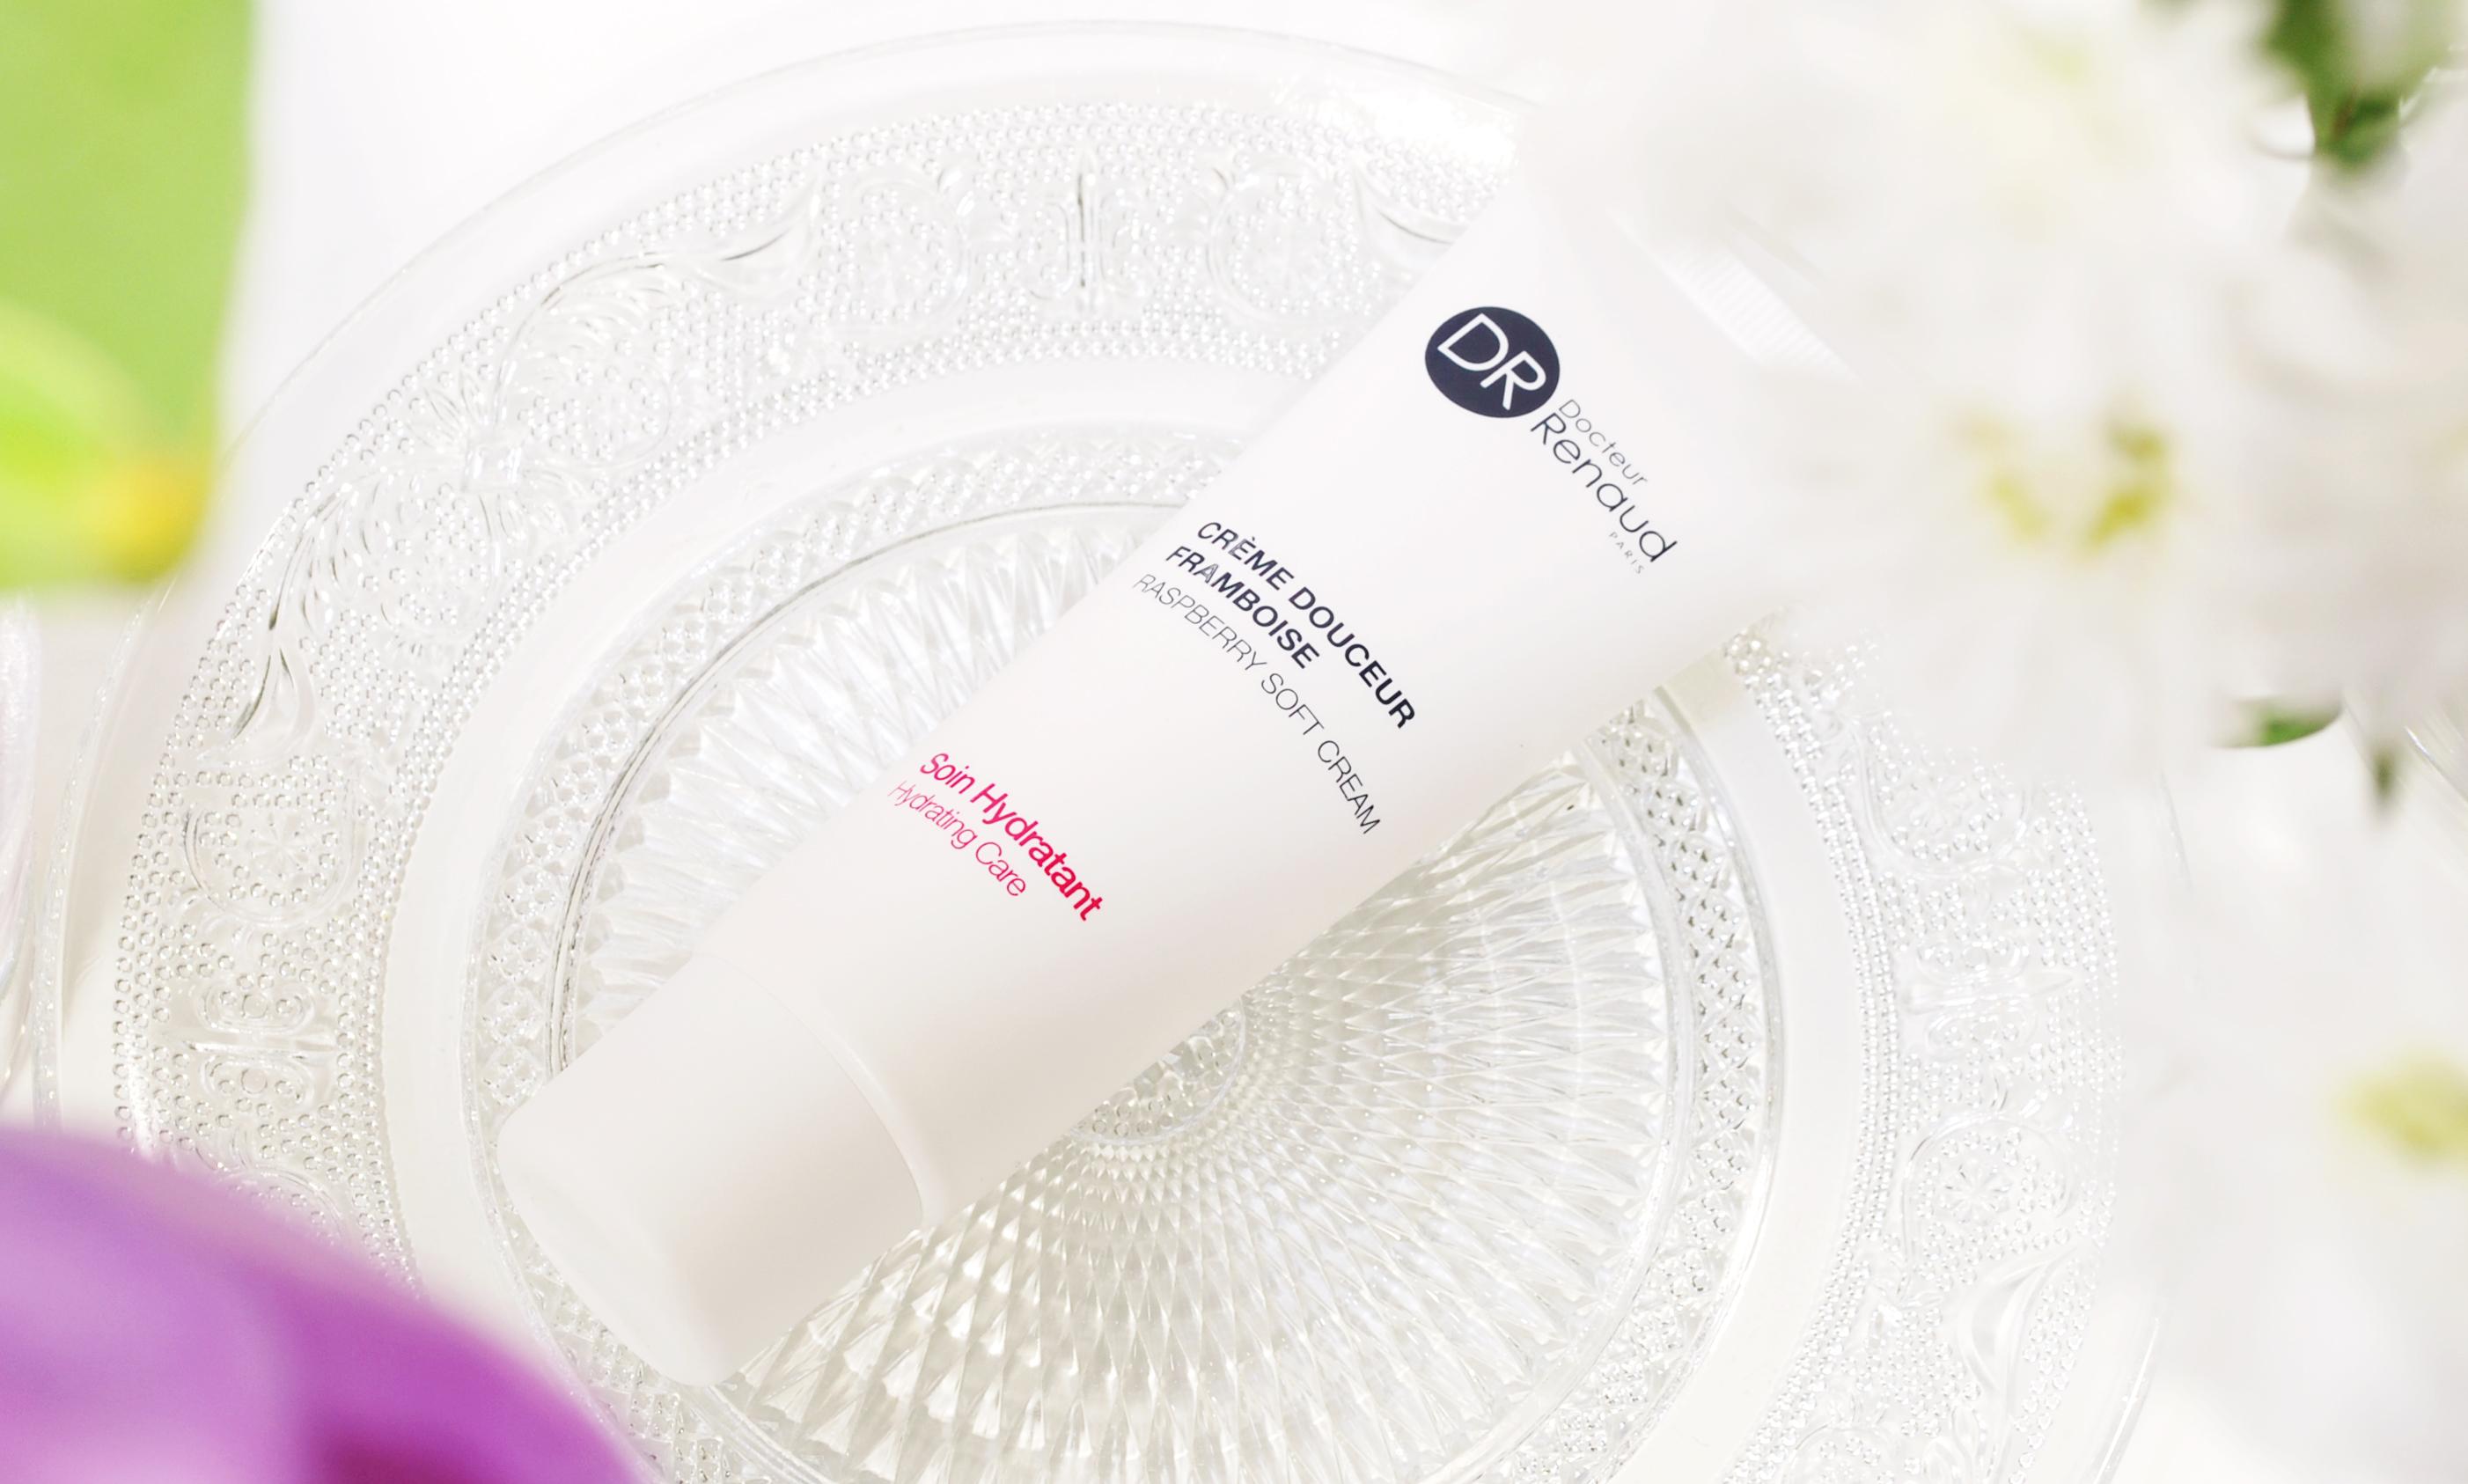 Crème Douceur Framboise DR Docteur Renaud Paris raspberry soft cream soin hydratant hydrating care geschikt voor de normale, enigzins droge huid review lifestyle by linda